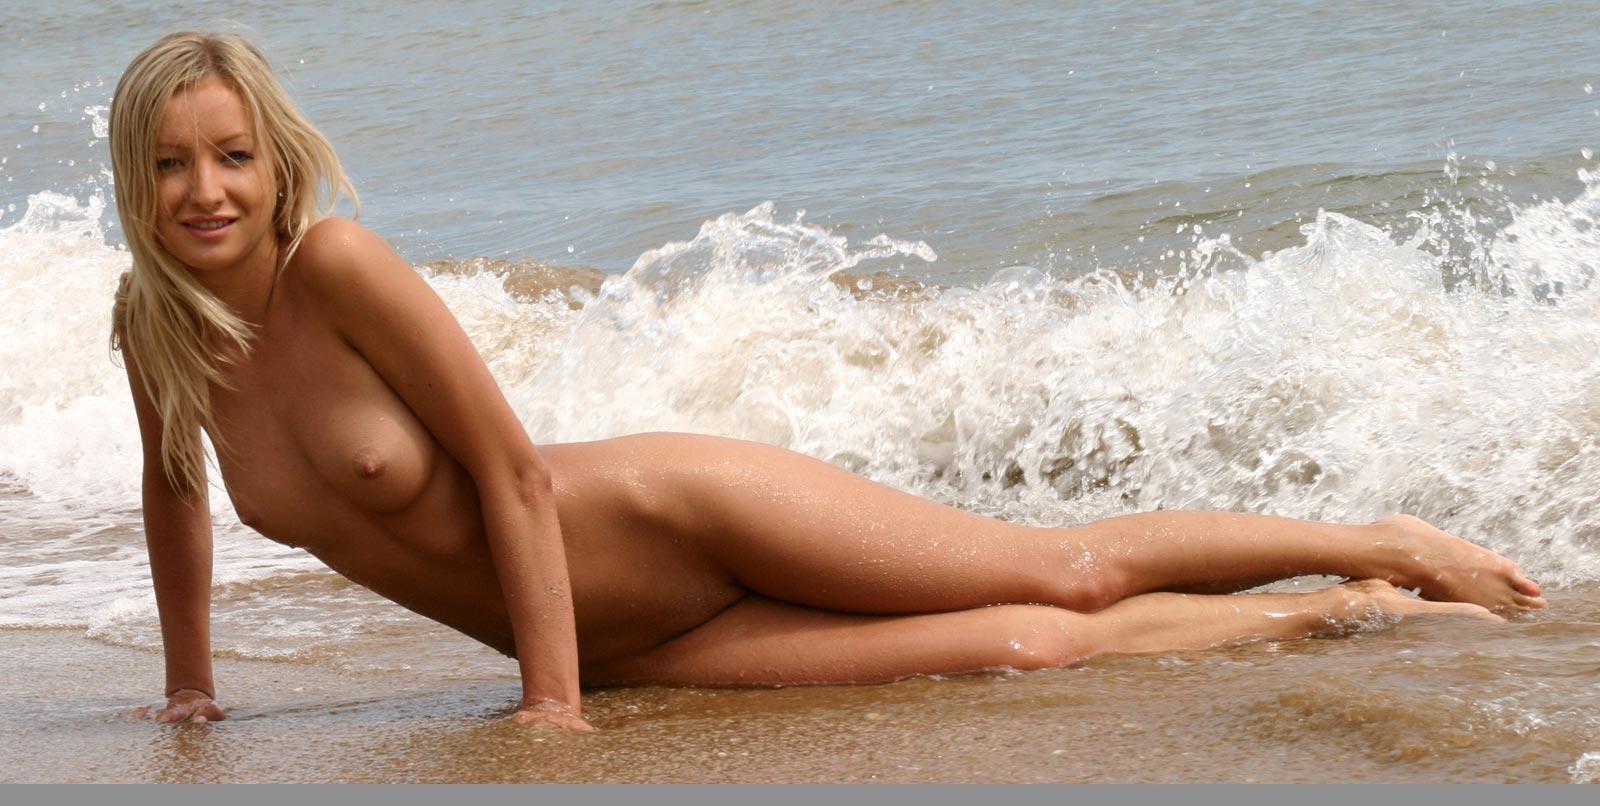 Красивая блондинка показывает стройную фигуру, плескаясь на море и выходя на нежный песок